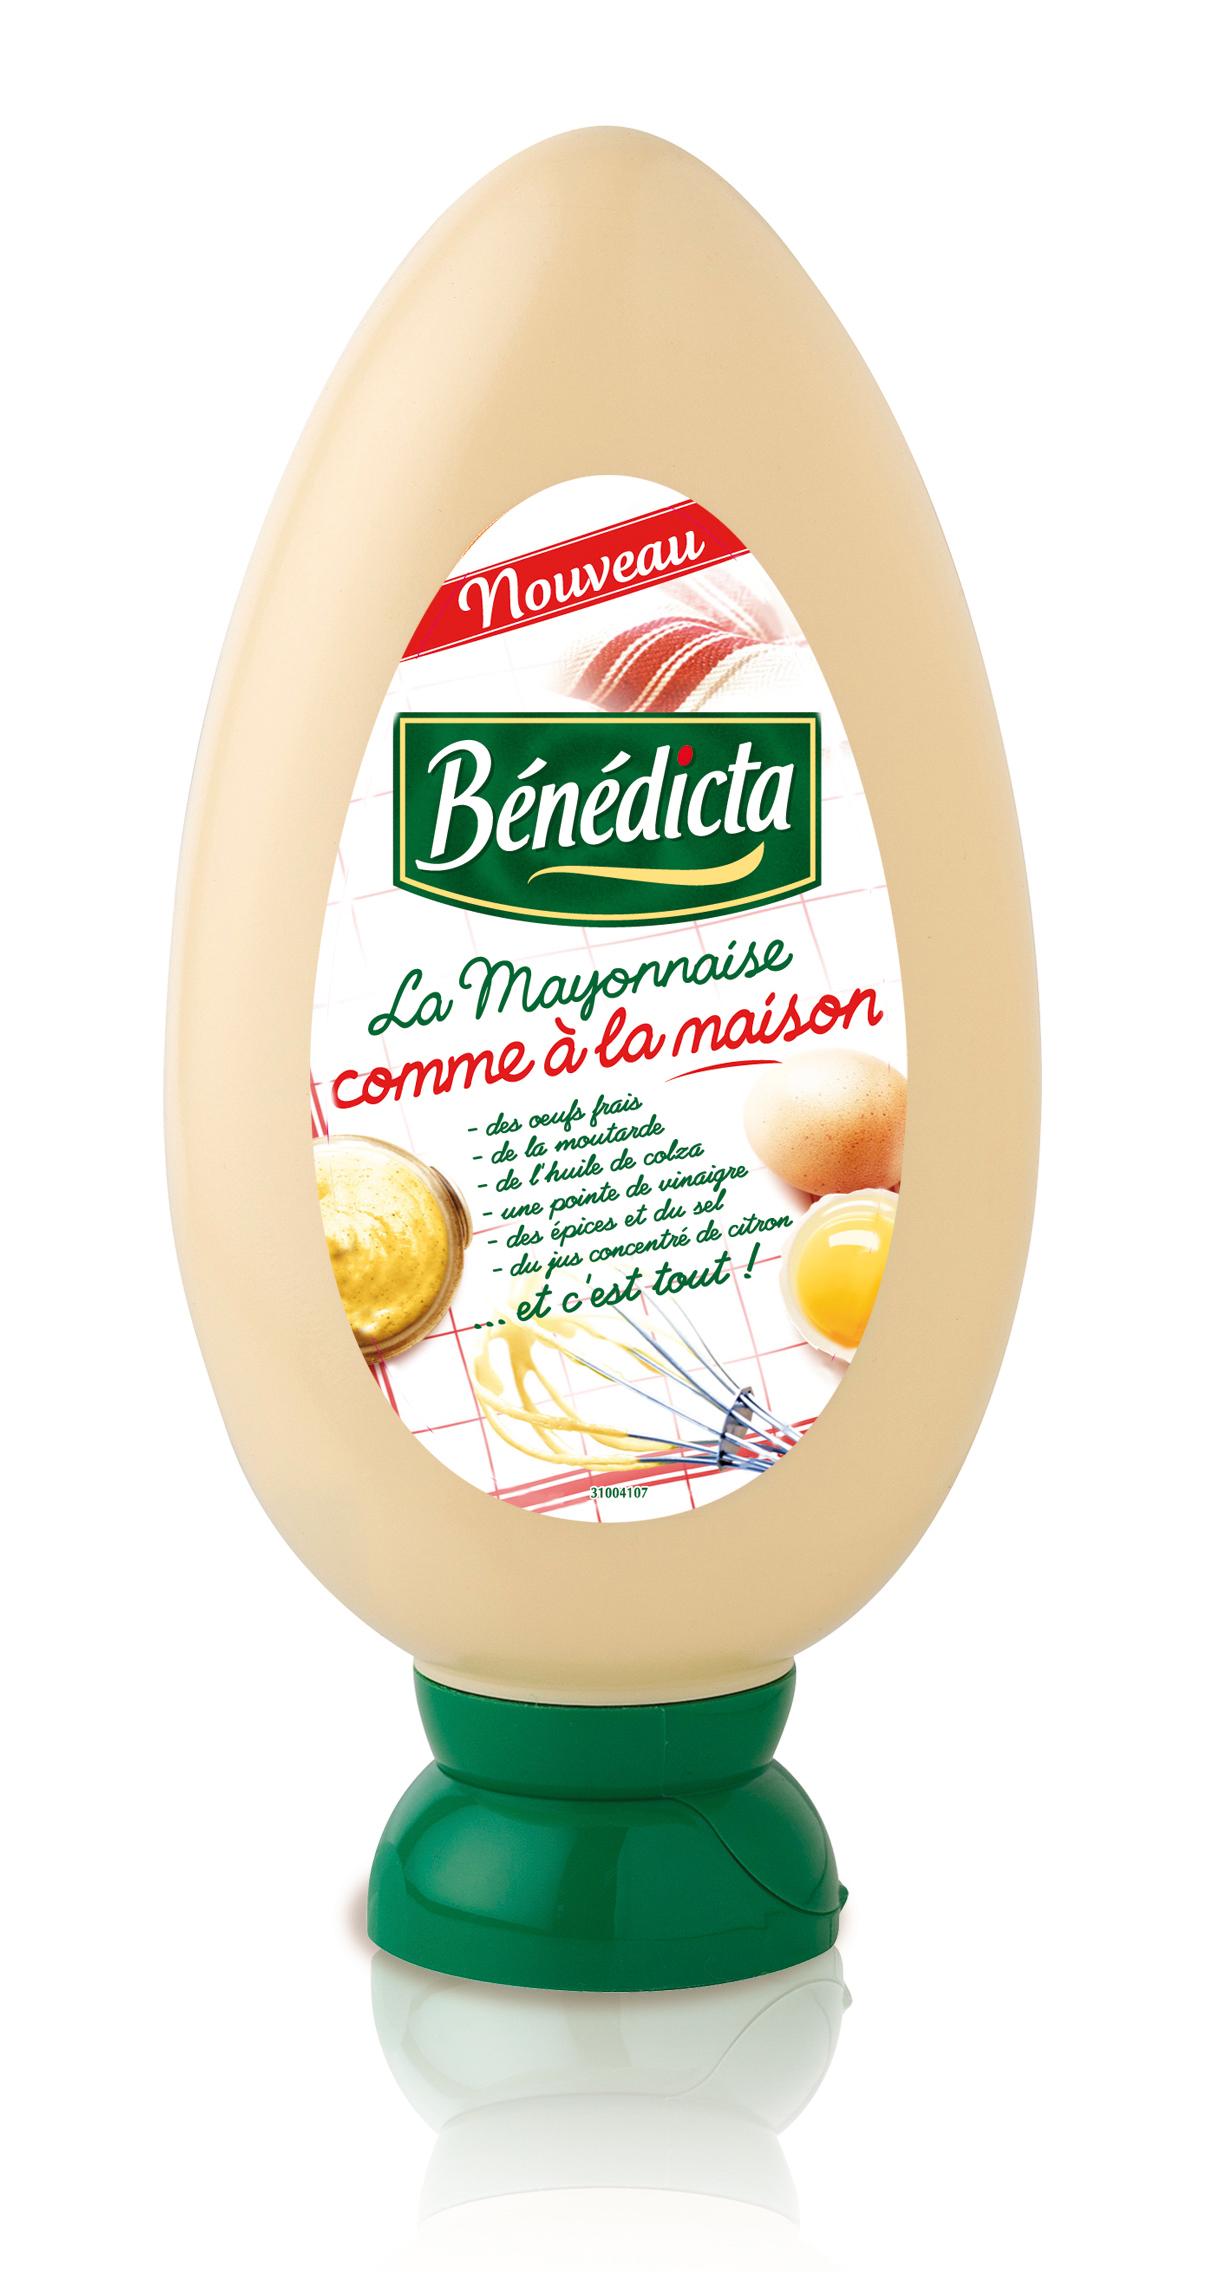 http://www.concertation.fr/wp-content/uploads/2013/04/Mayonnaise-comme-%C3%A0-la-maison-BENEDICTA-FLACON-SOUPLE.jpg